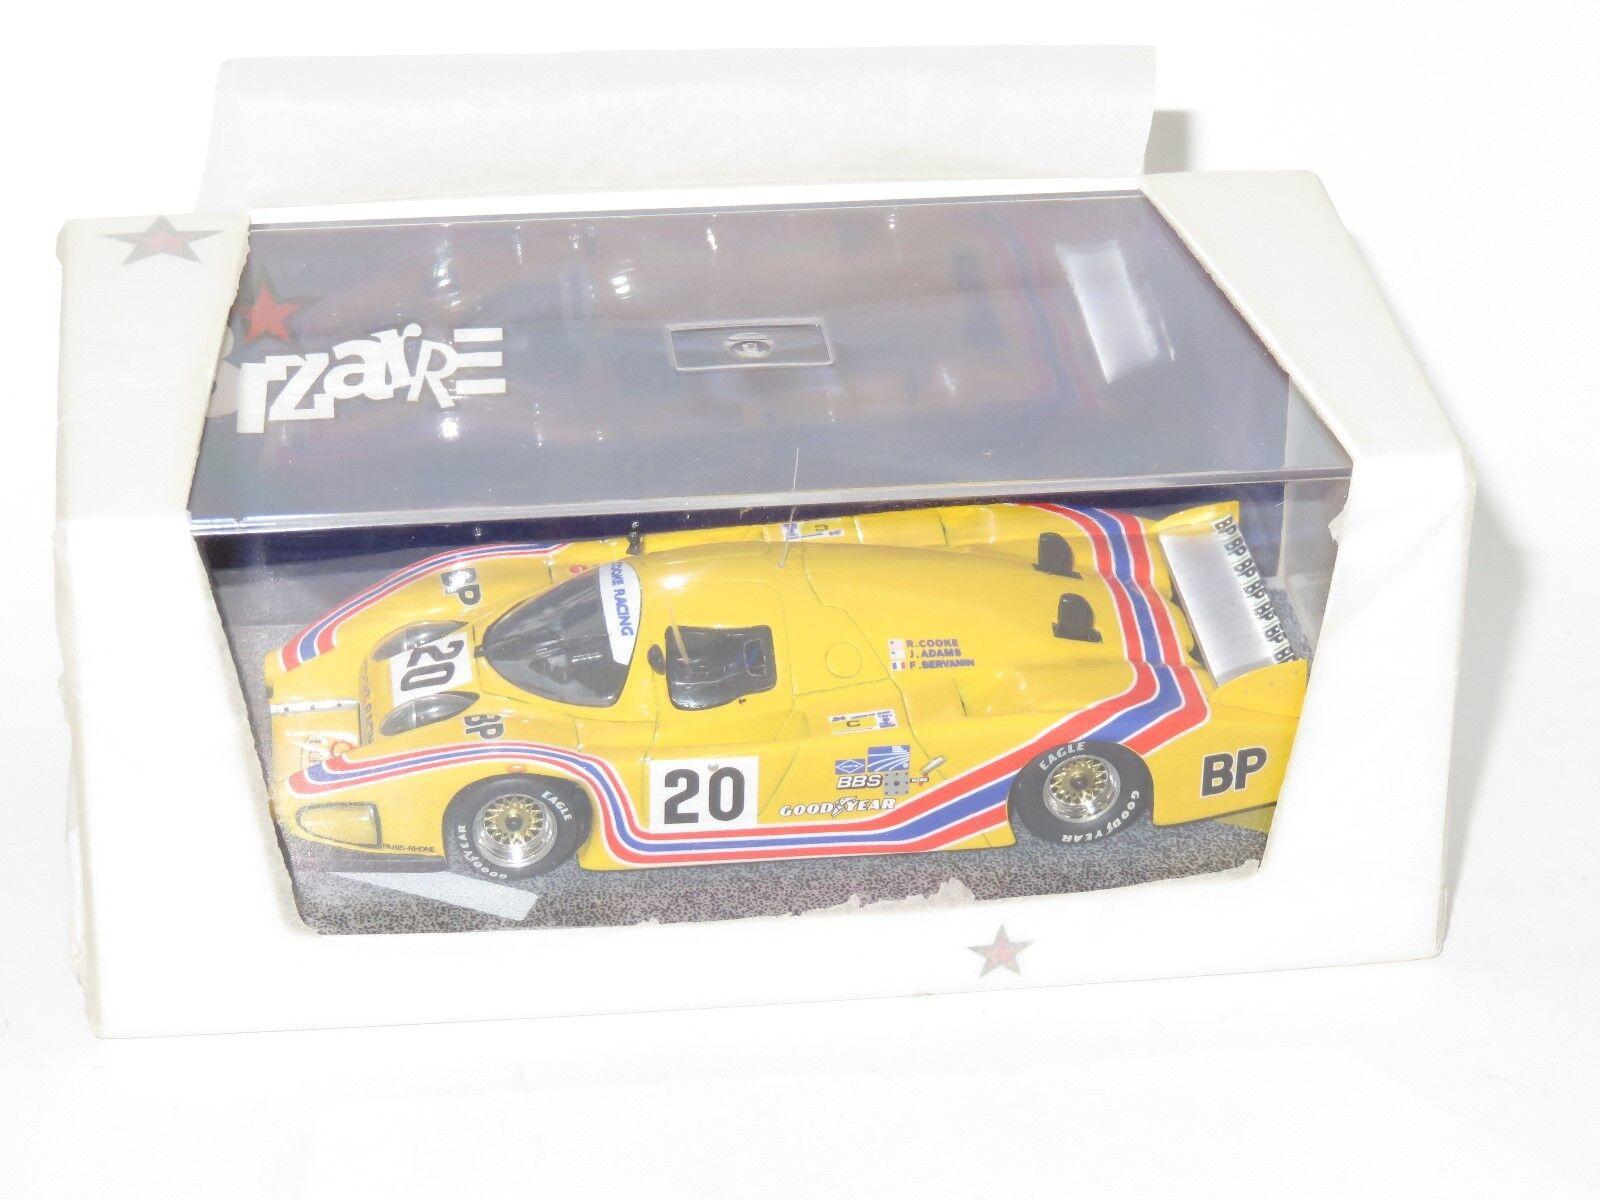 1/43 LOLA T610 Cosworth Cooke Racing Racing Racing Le Femmes 24 hrs 1983 #20 | De Nouveaux Produits 2019  | Outlet Shop En Ligne  | élégante  99a2f7